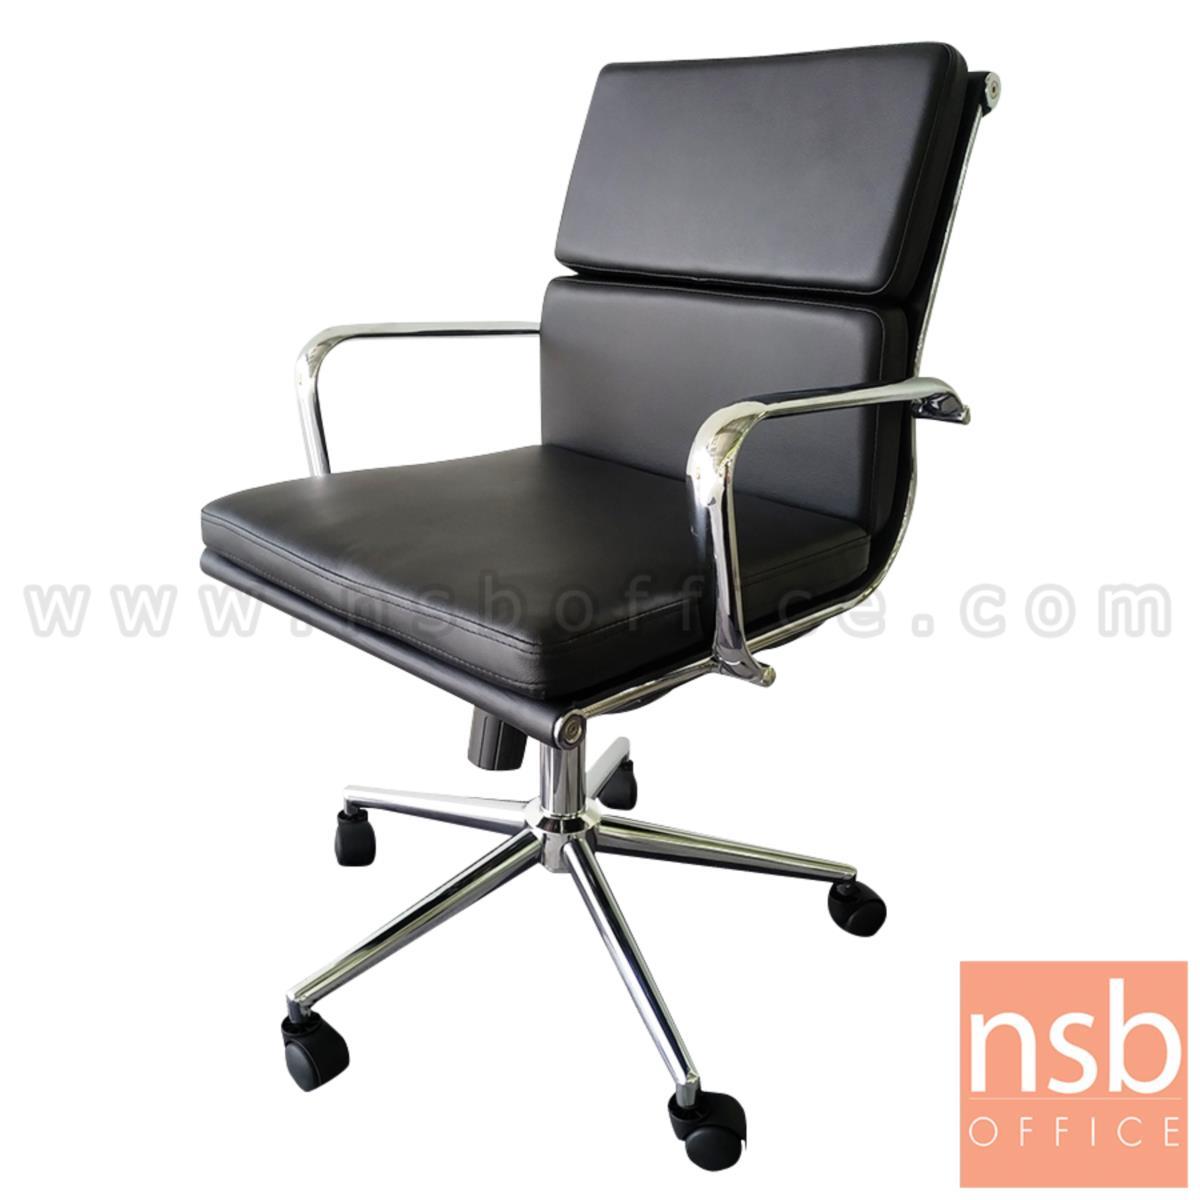 B03A507:เก้าอี้สำนักงาน รุ่น  Pepper (เปปเปอร์)  โช๊คแก๊ส ก้อนโยก ขาเหล็กชุบโครเมี่ยม